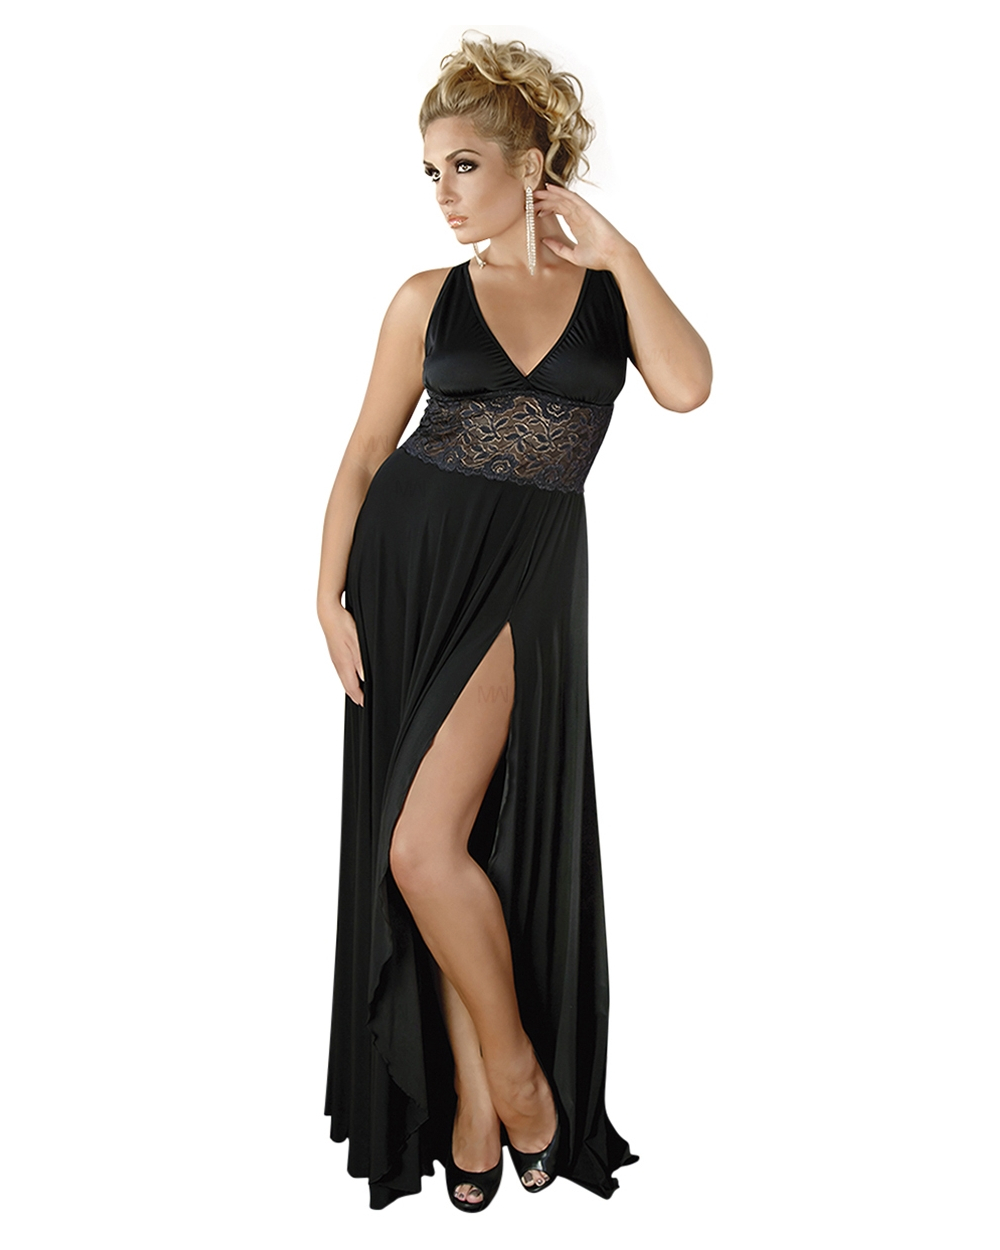 schwarzes langes Kleid M/19 mit Spitze von Andalea - 19 bis 19